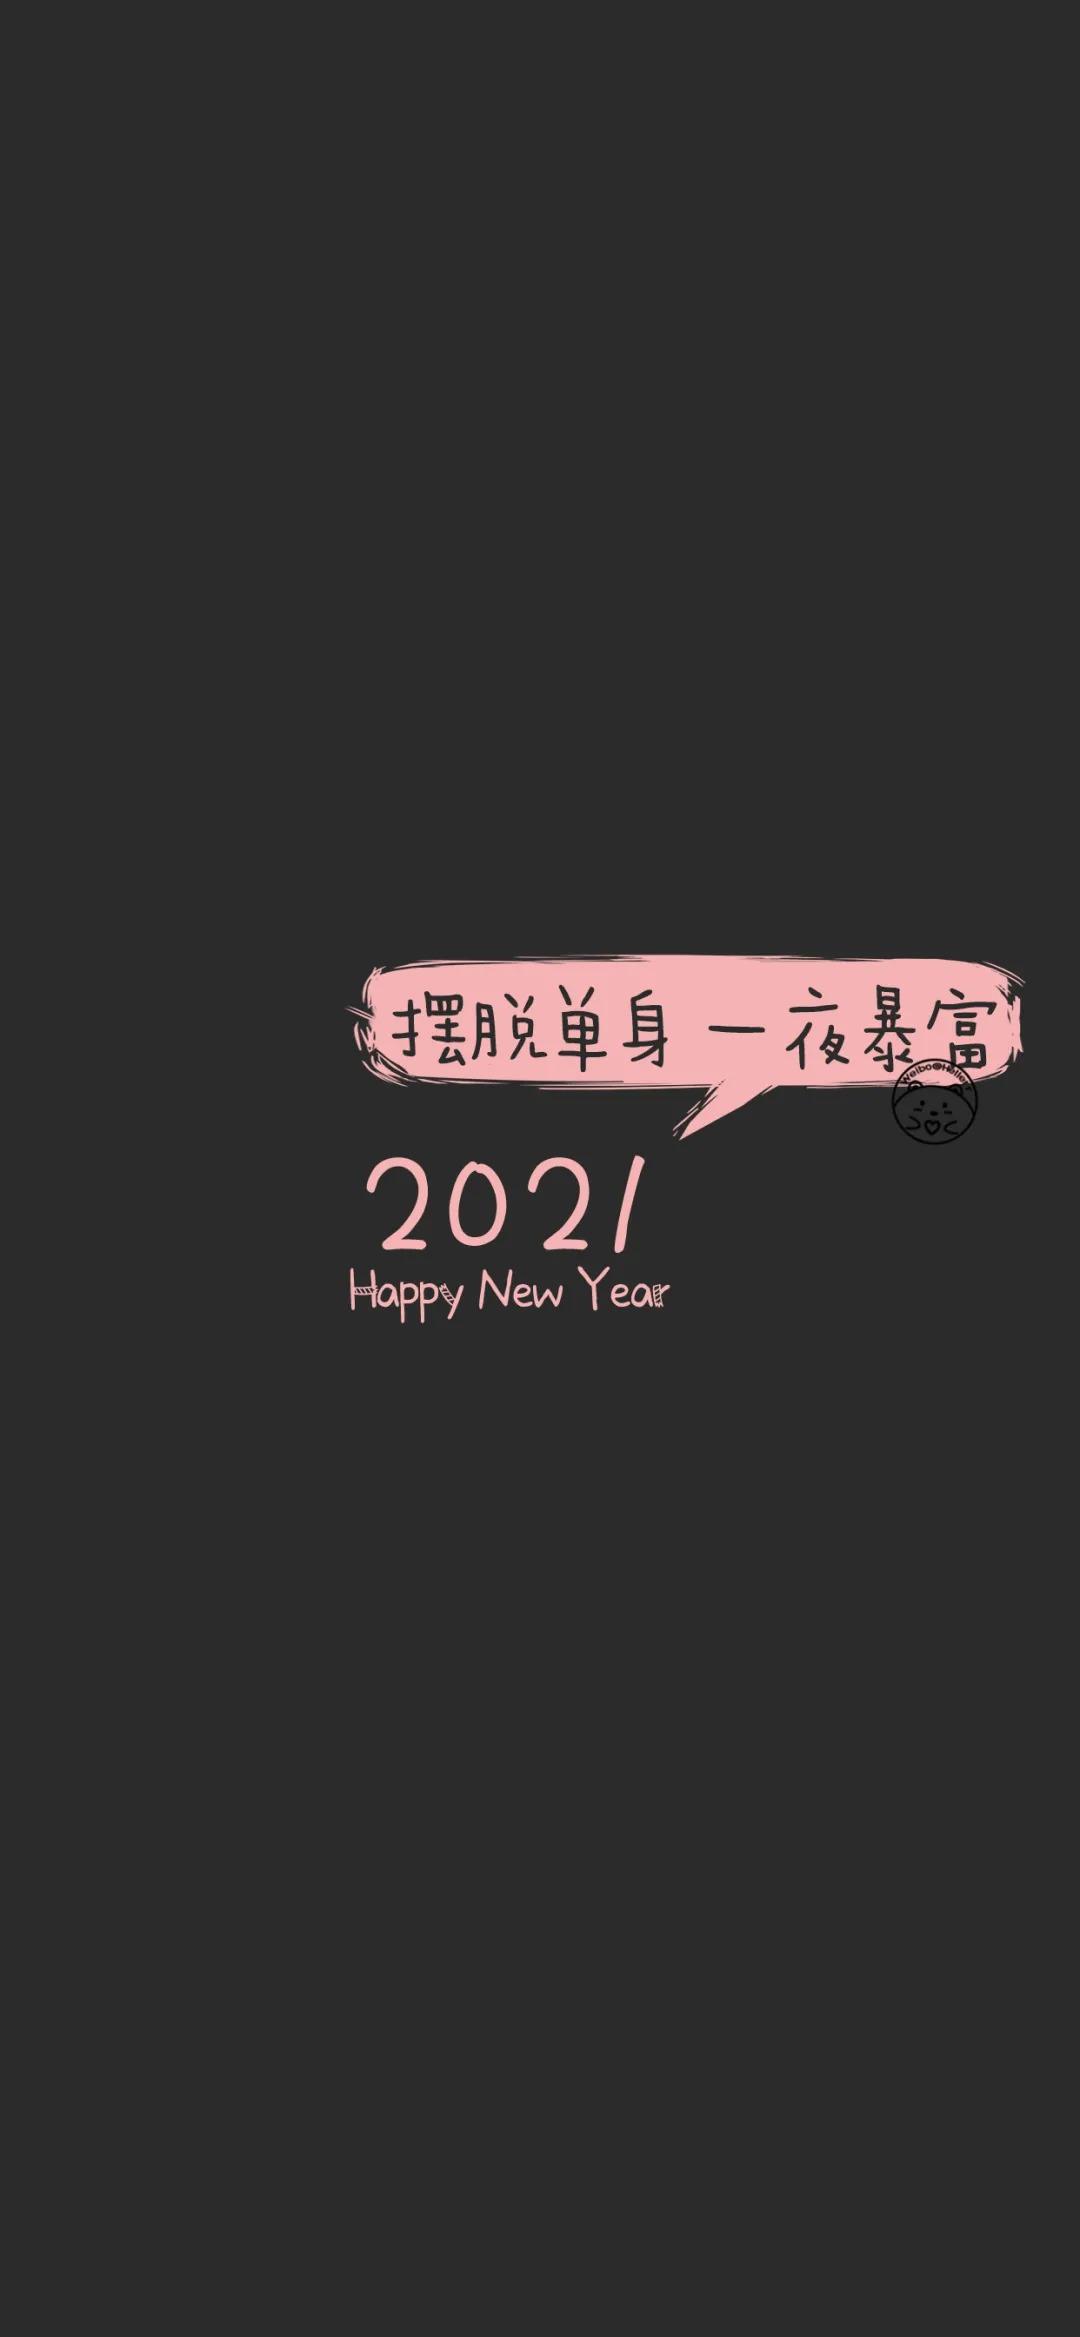 壁纸   2021手机壁纸插图37